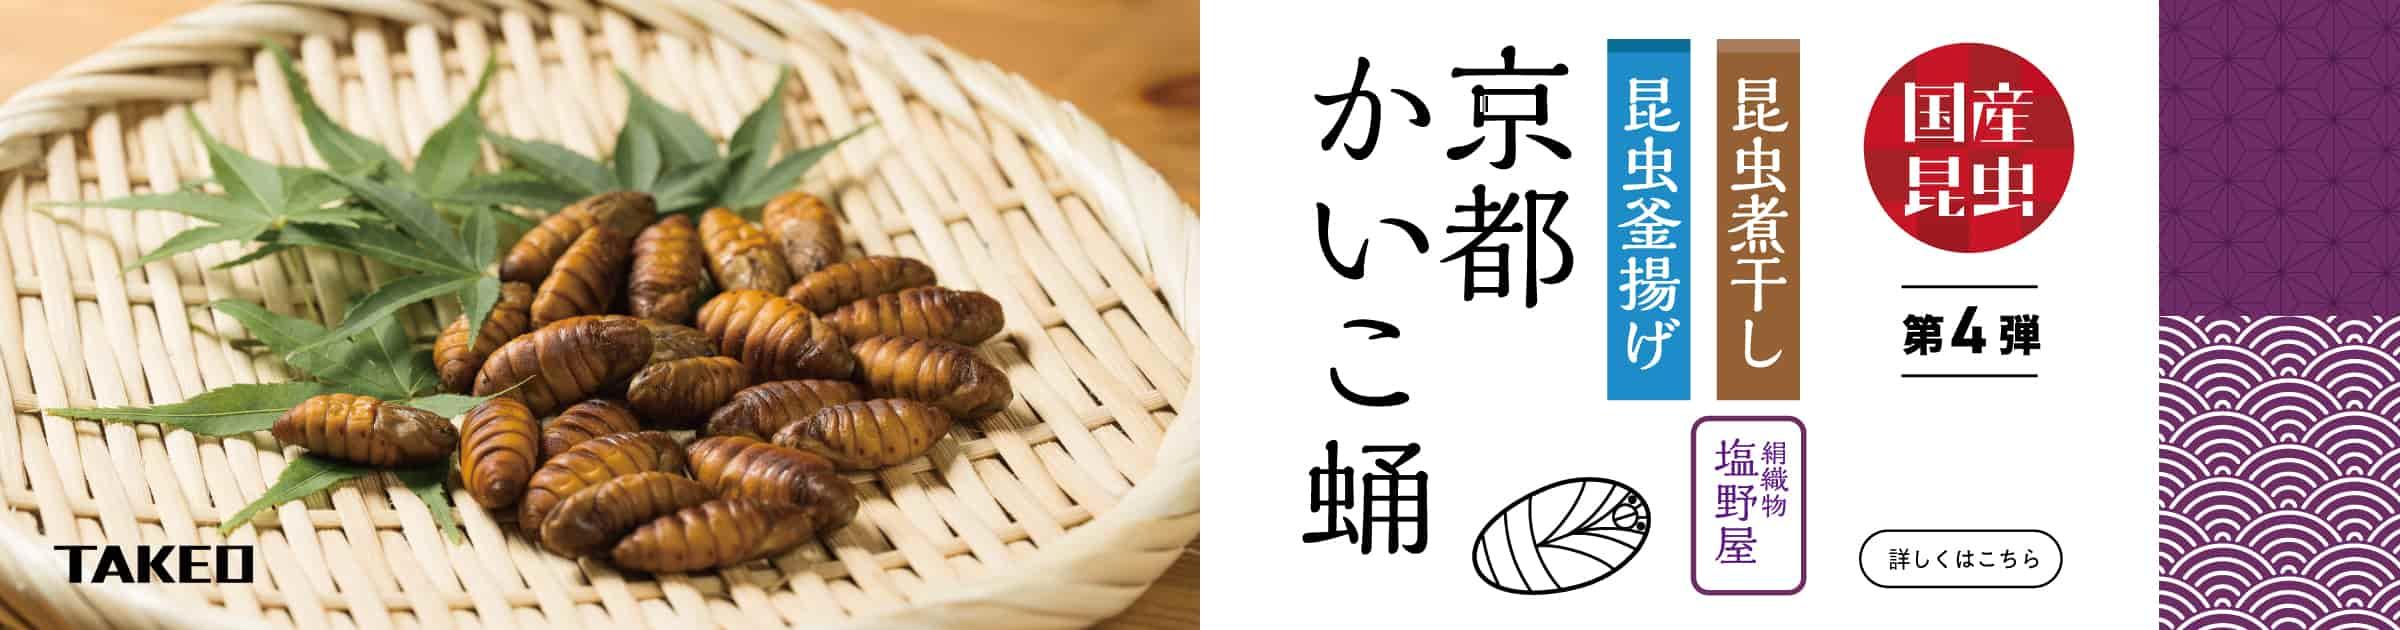 広島こおろぎ 昆虫干物 昆虫ロースト 国産昆虫 昆虫食 アーモンド